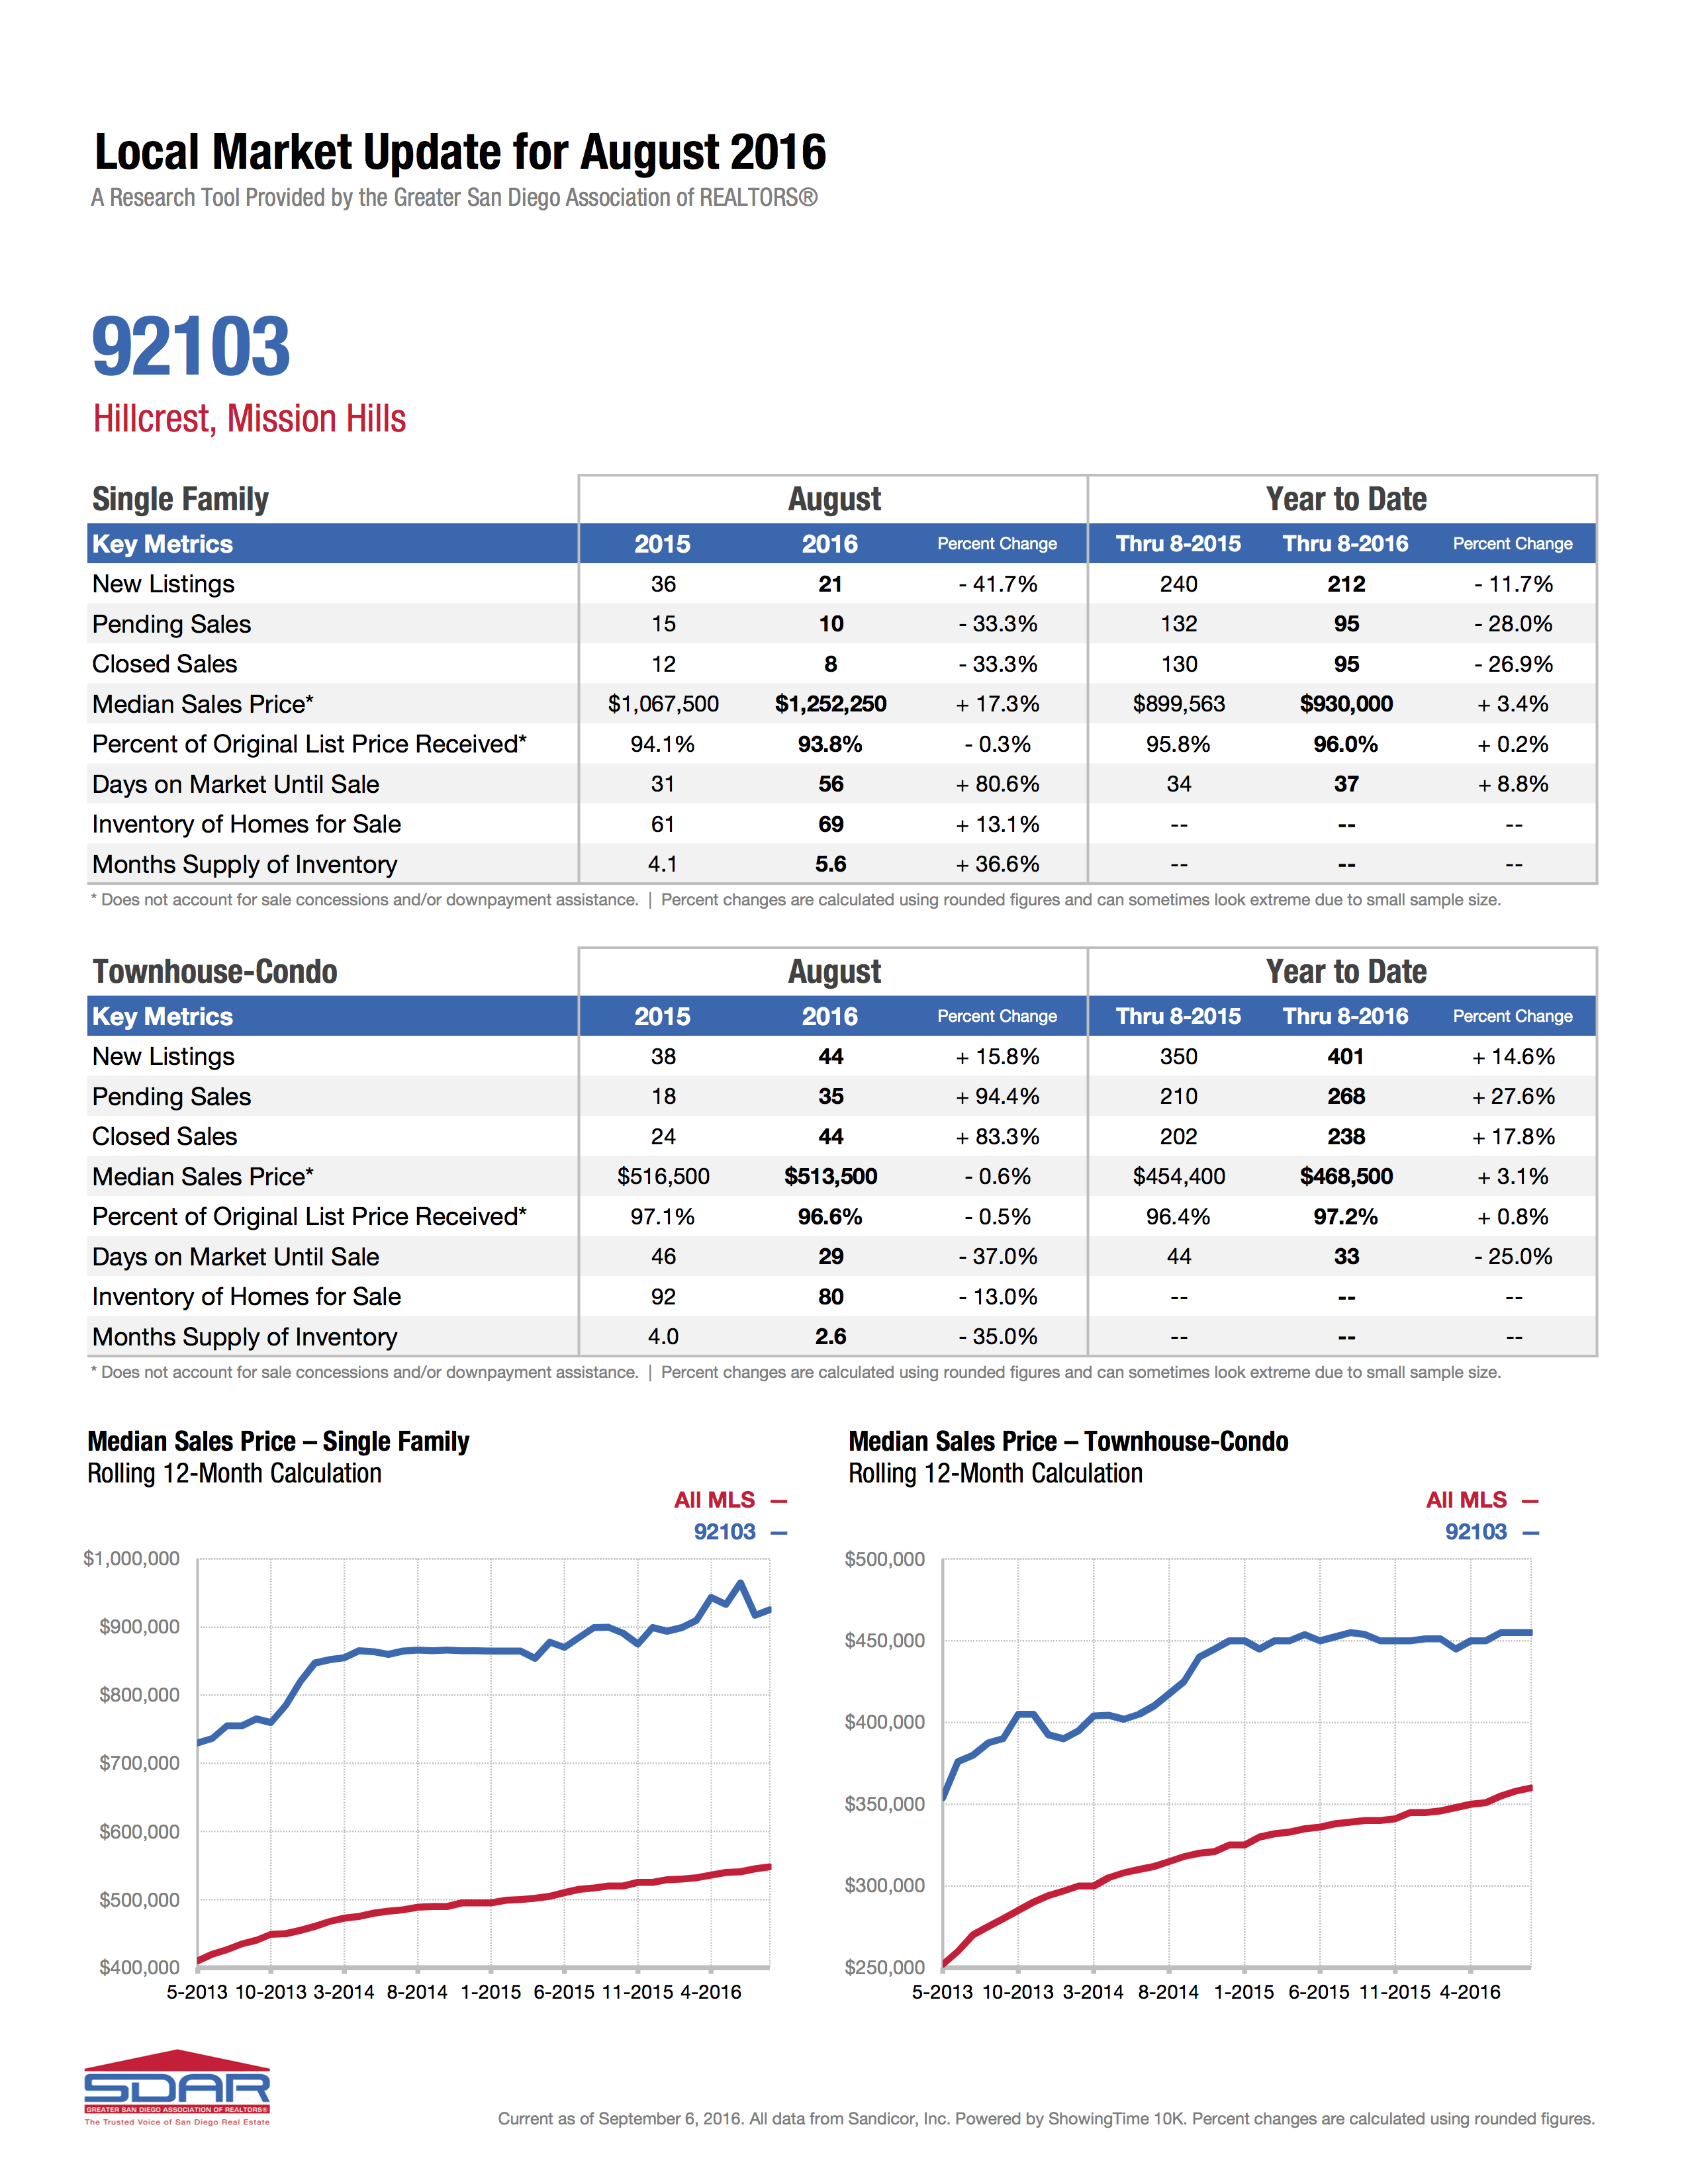 Hillcrest and Mission Hills Real Estate Market Update